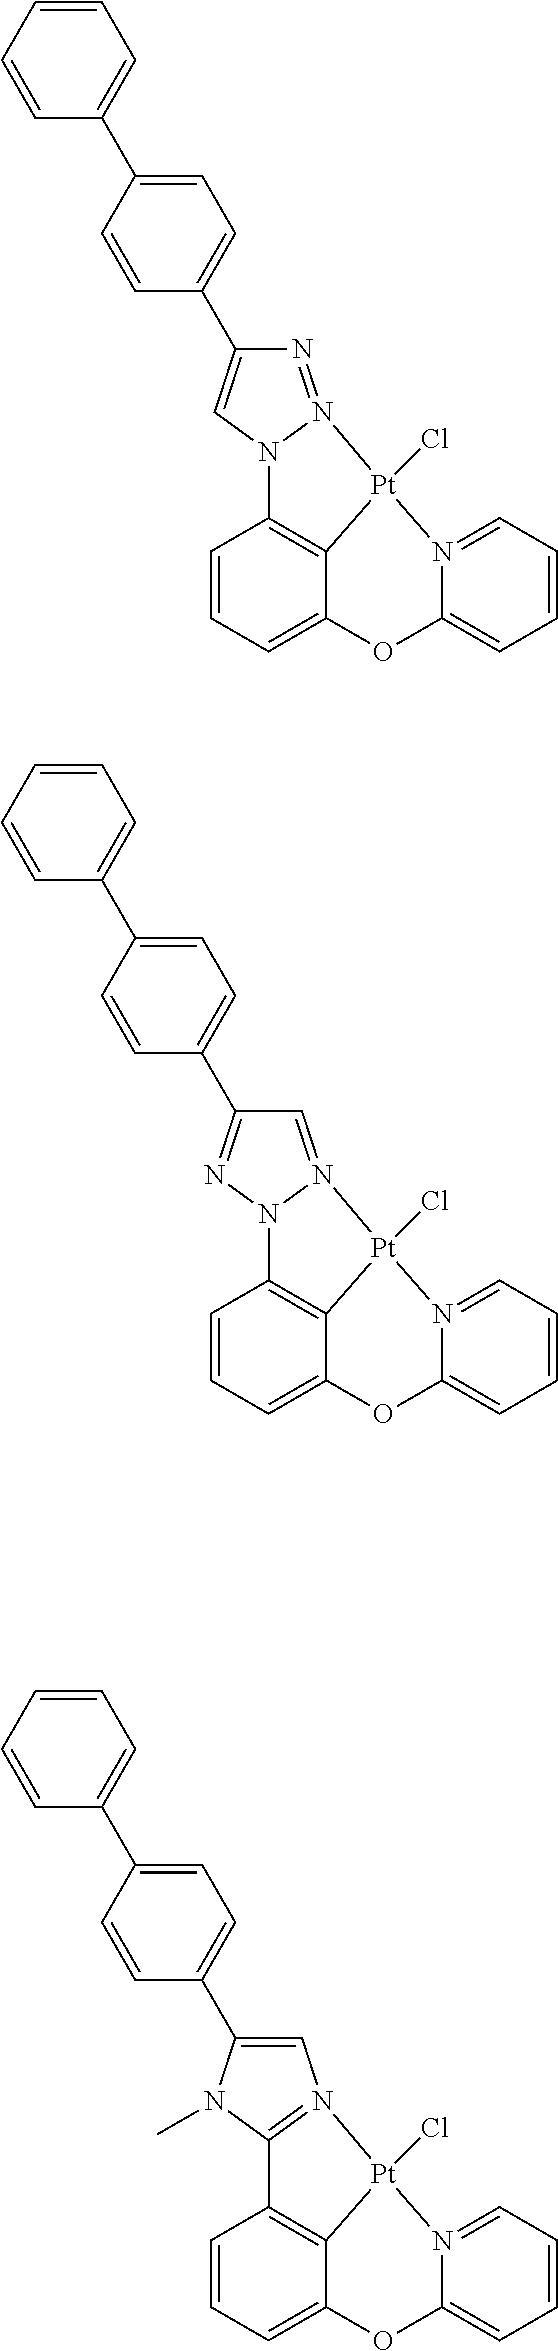 Figure US09818959-20171114-C00504